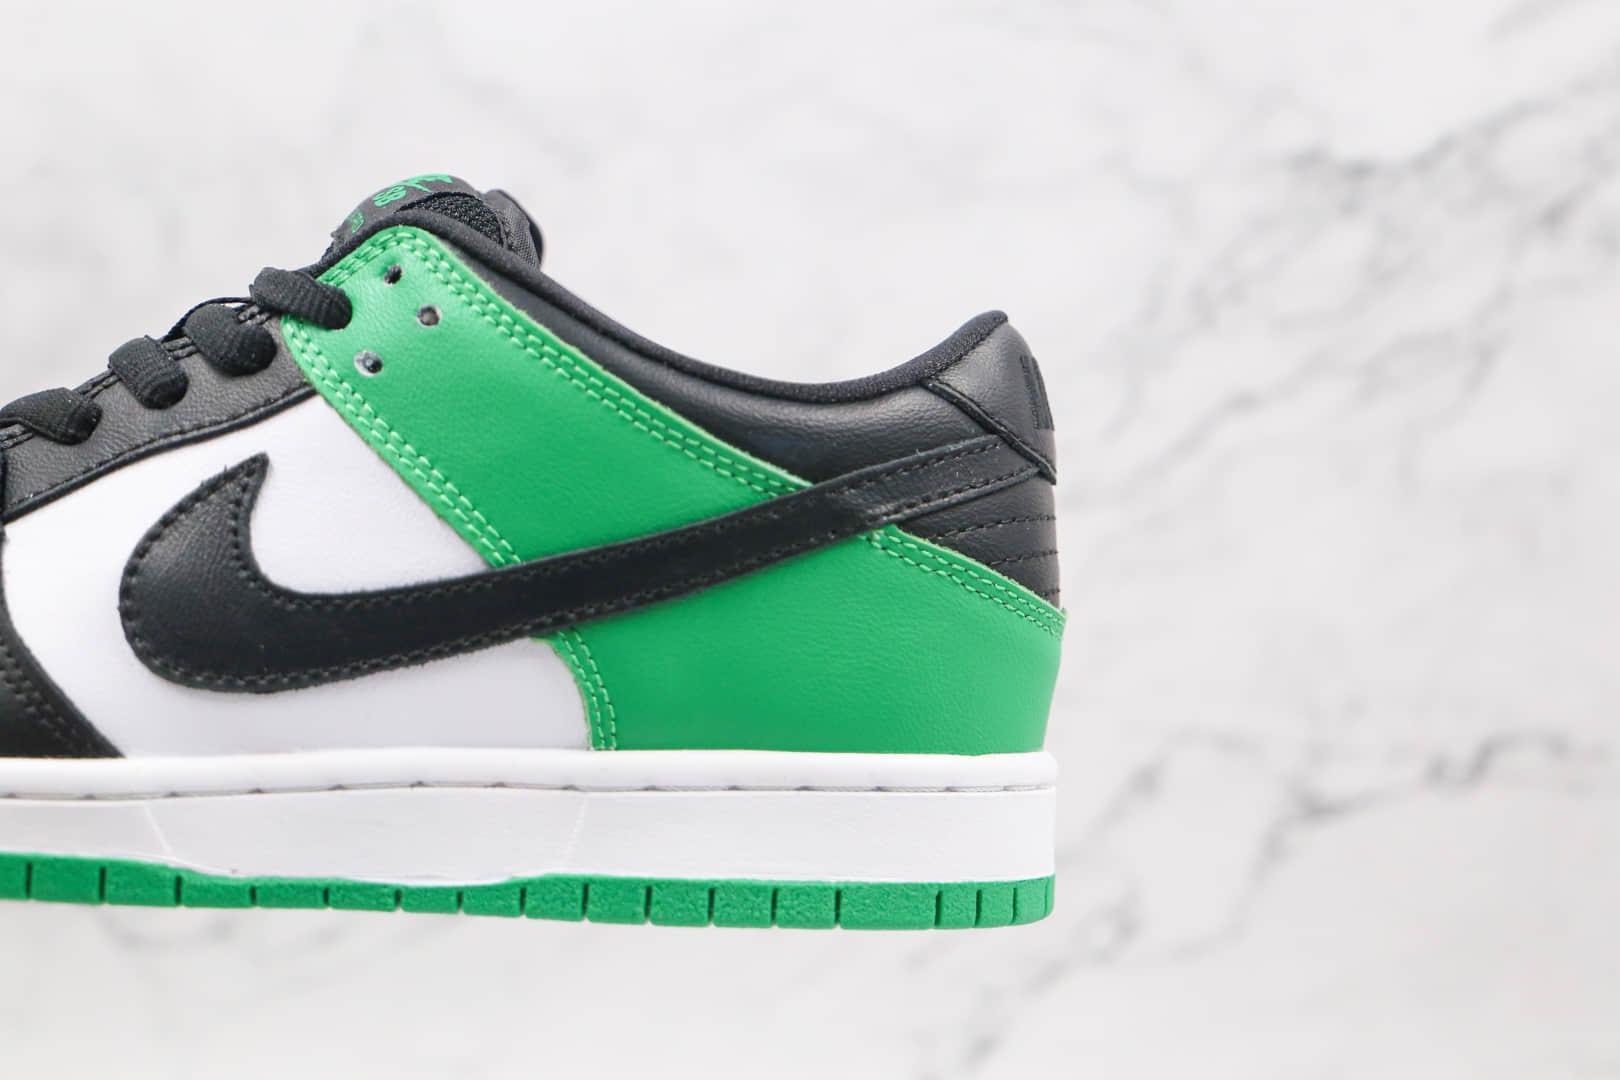 耐克Nike SB Dunk Low Court Purple纯原版本低帮SB DUNK白绿黑脚趾板鞋内置后掌Zoom气垫 货号:BQ6817-302